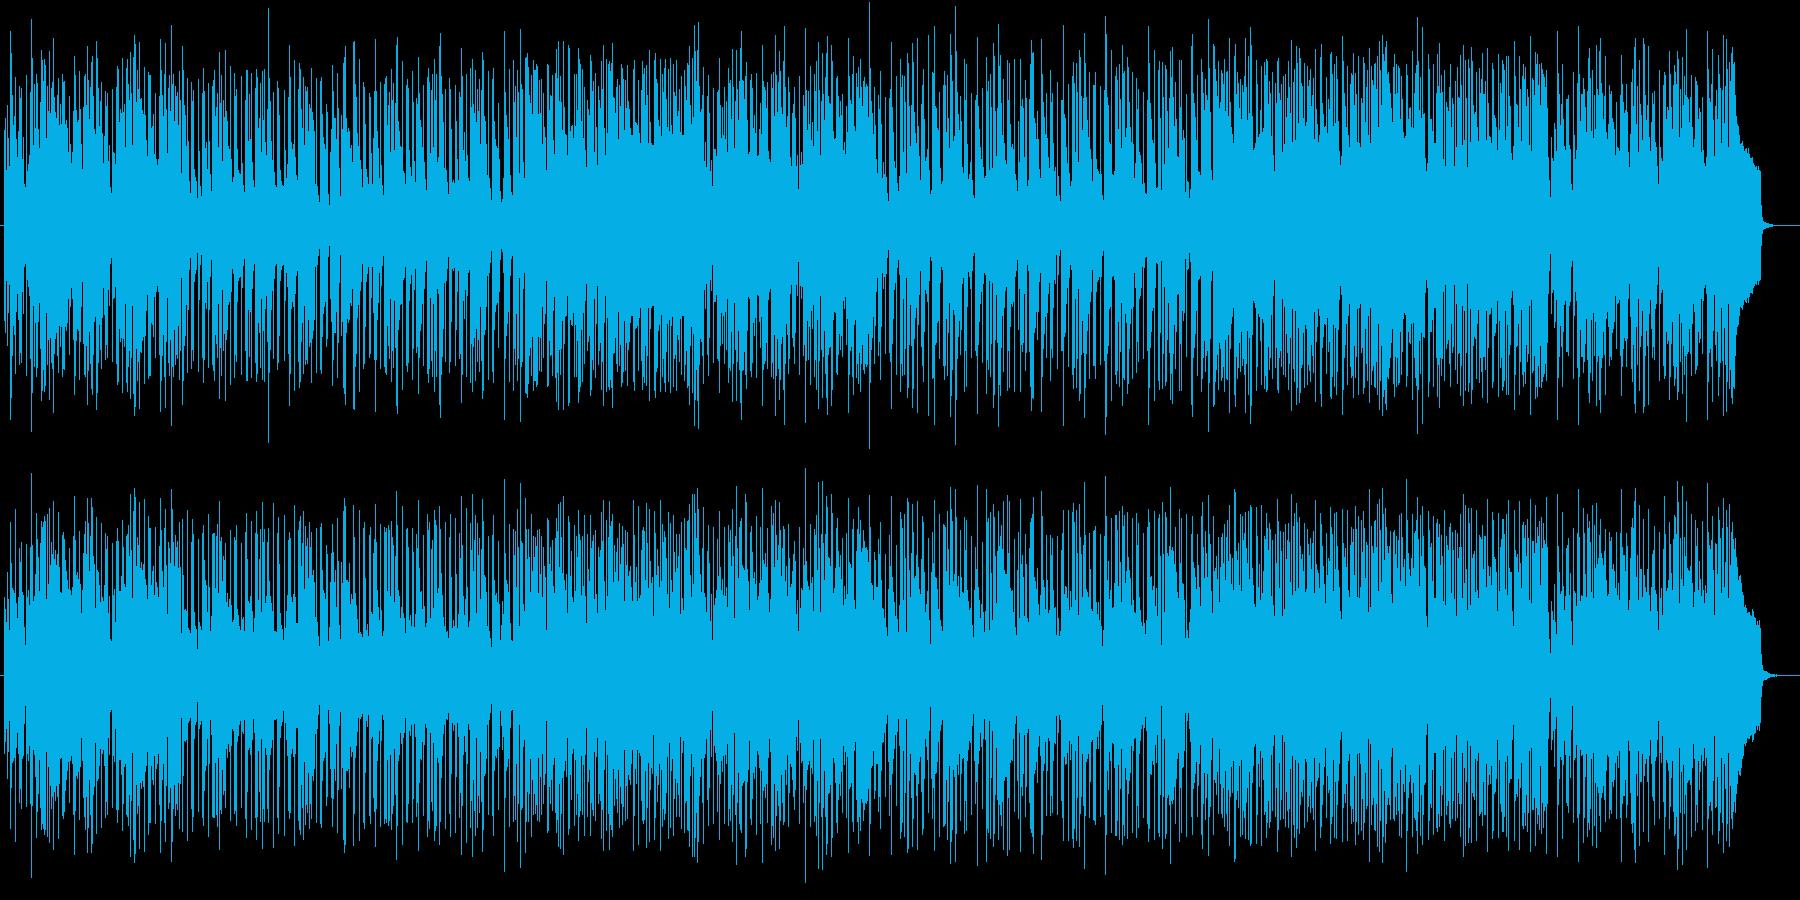 オシャレで可愛い雰囲気のある曲の再生済みの波形